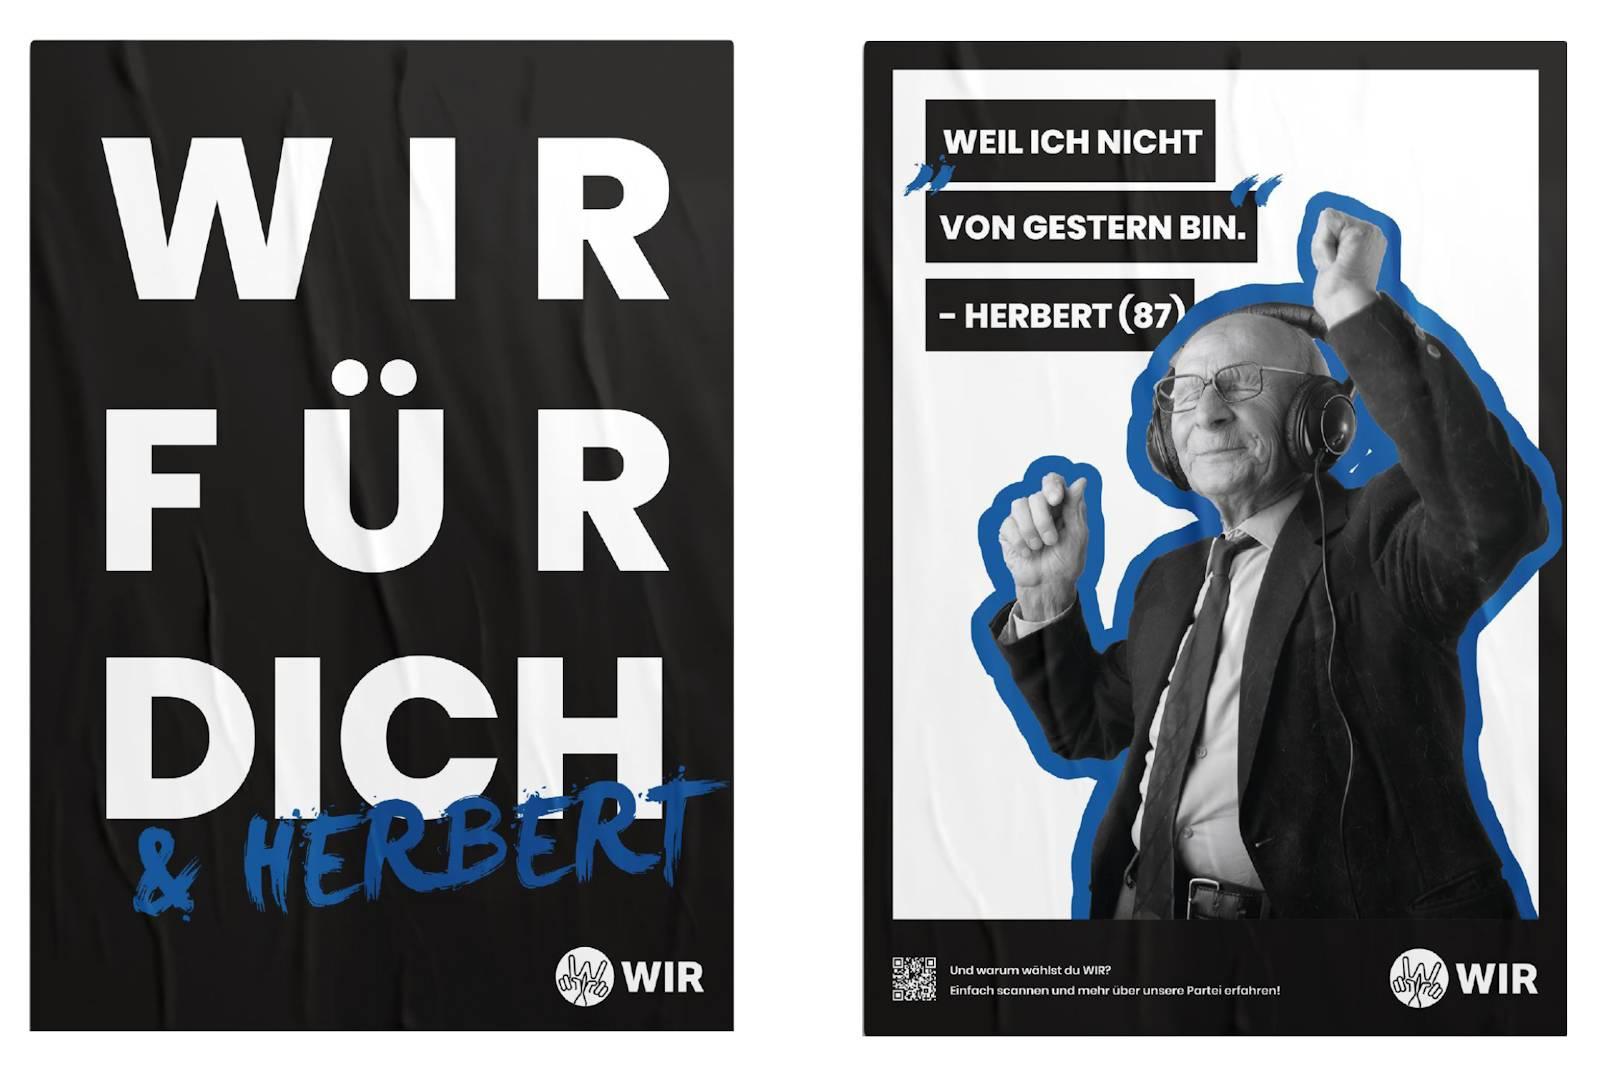 Wir-Partei - Herbert 1600x1065